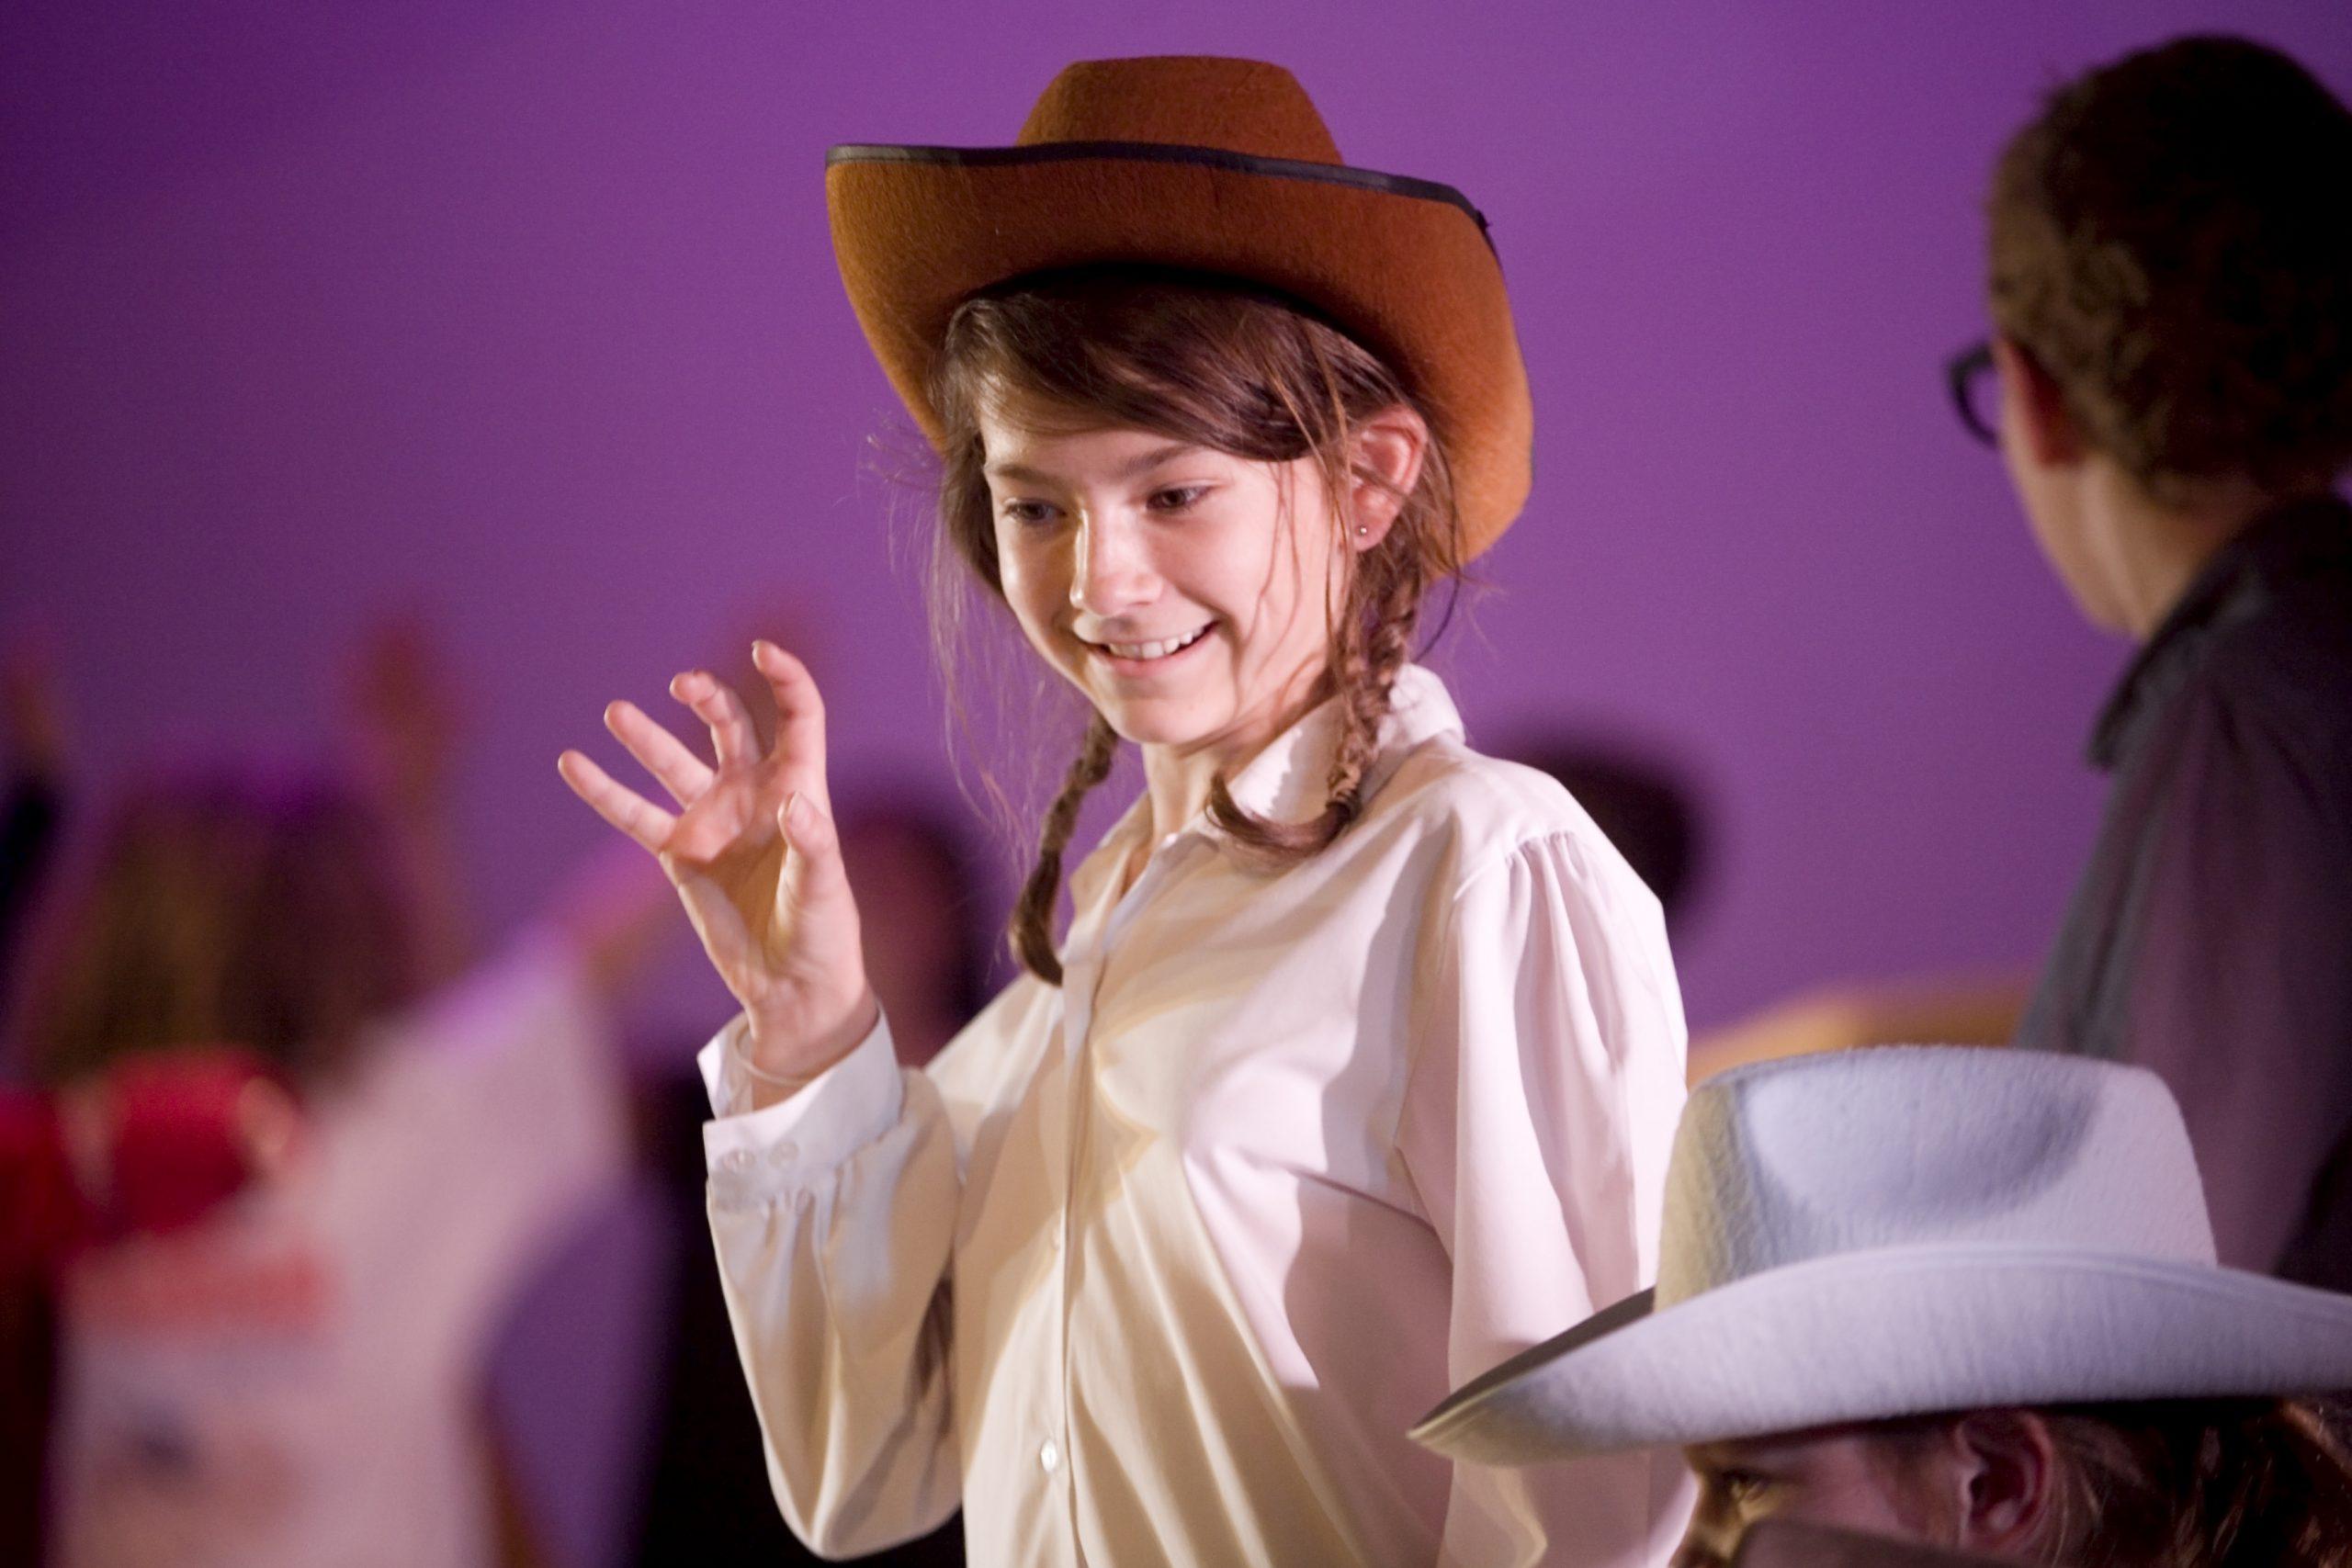 Girl wearing cowboy hat at Polka playhouse